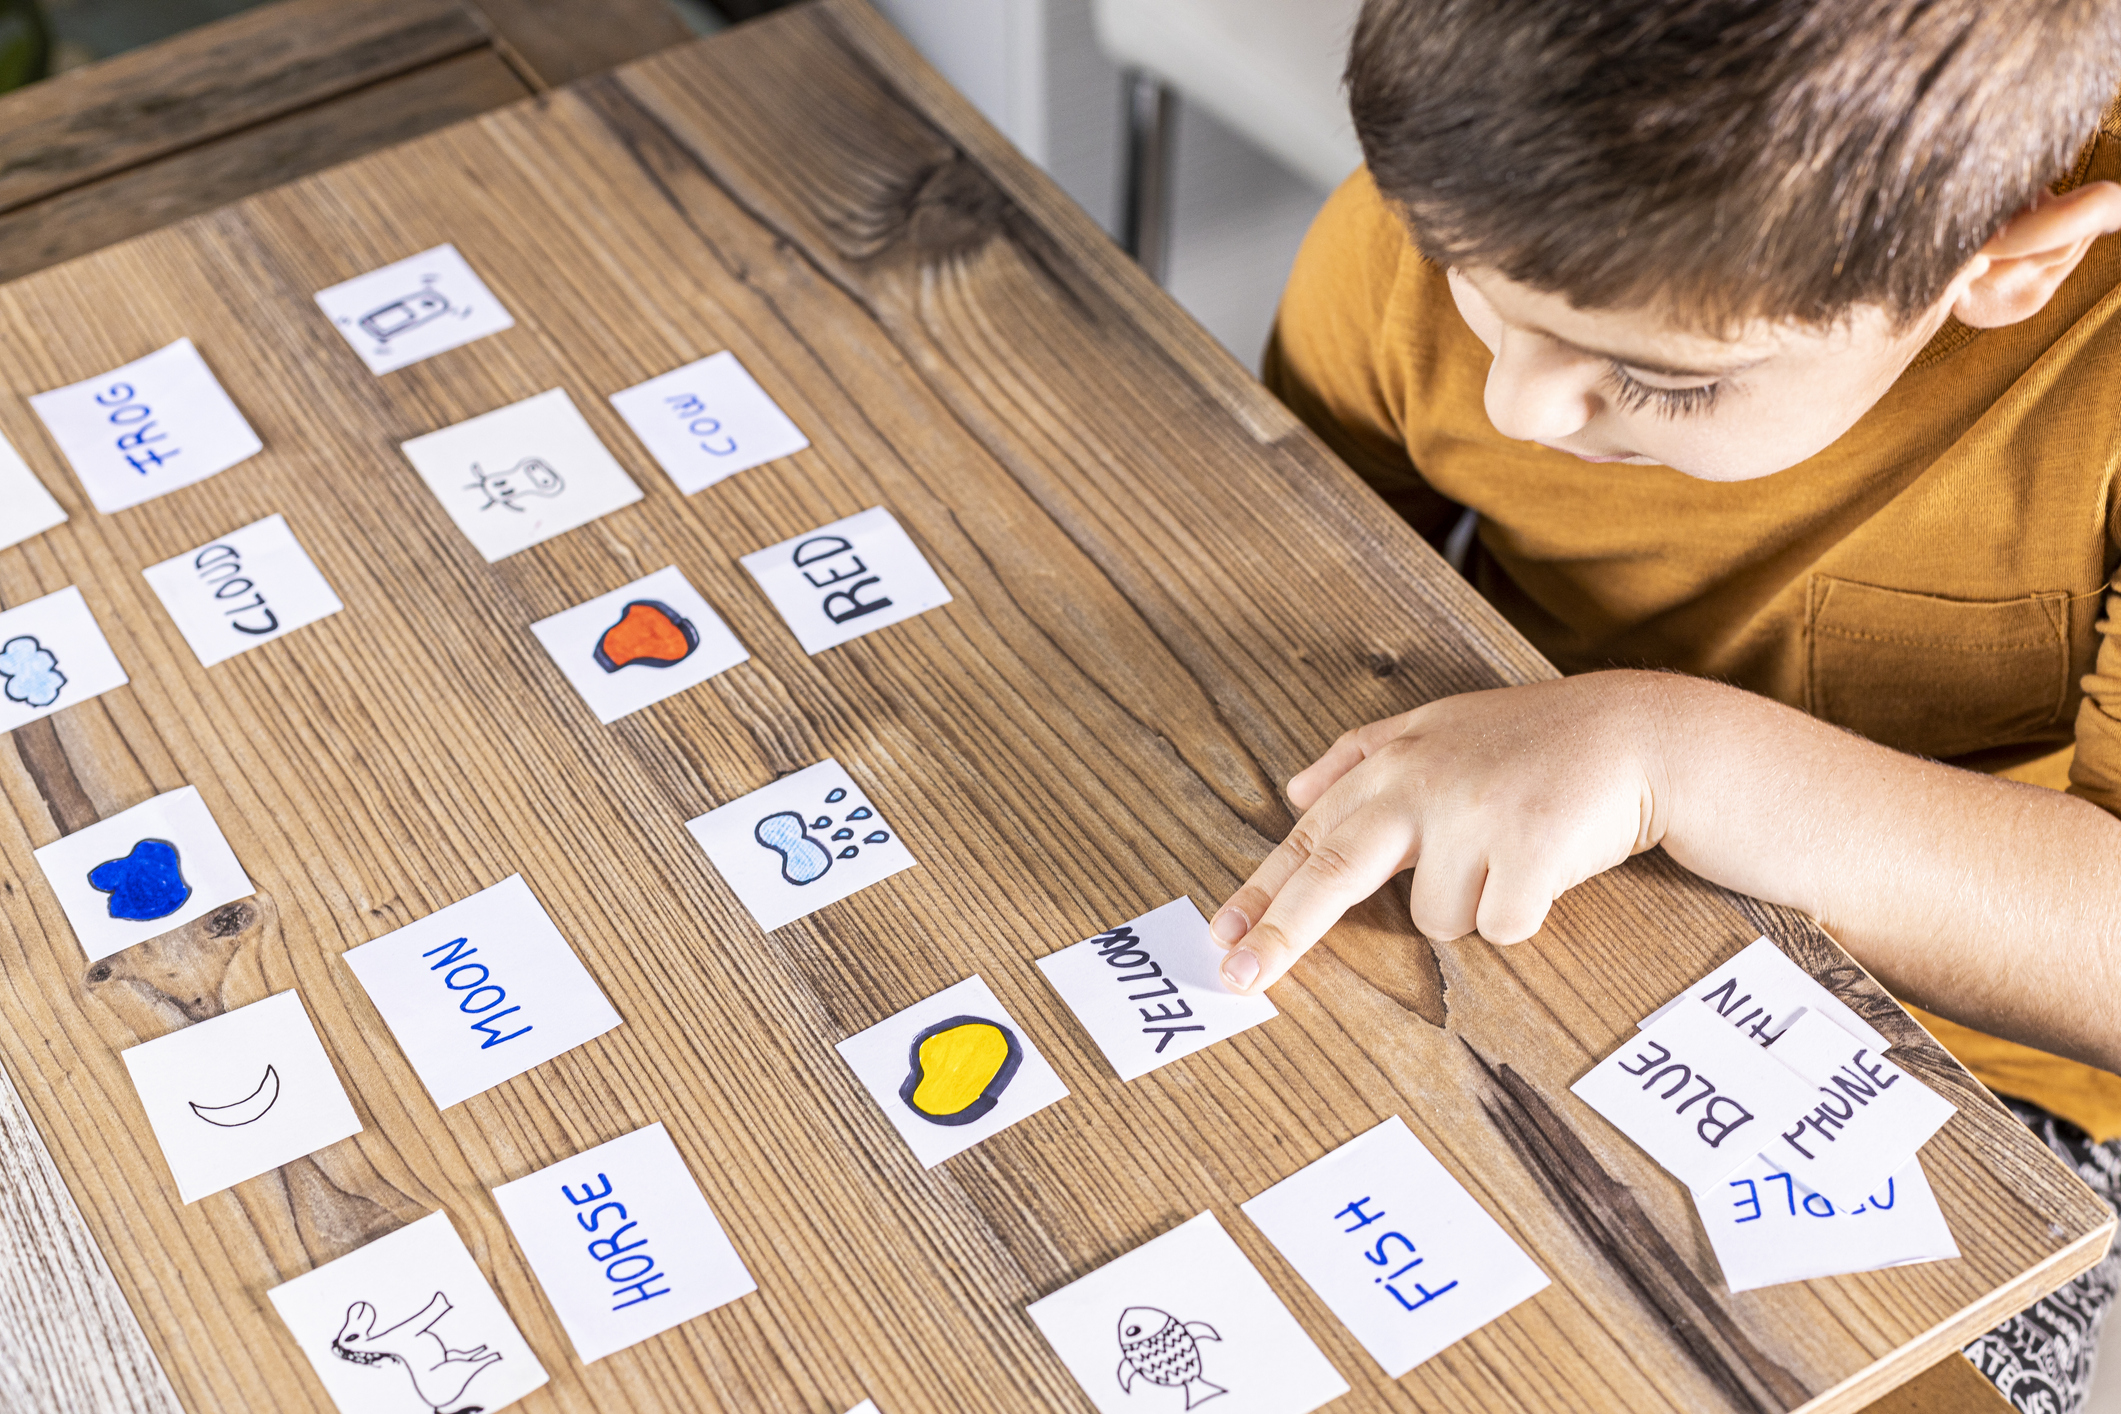 Mitos sobre o estudo de ingles para crianças